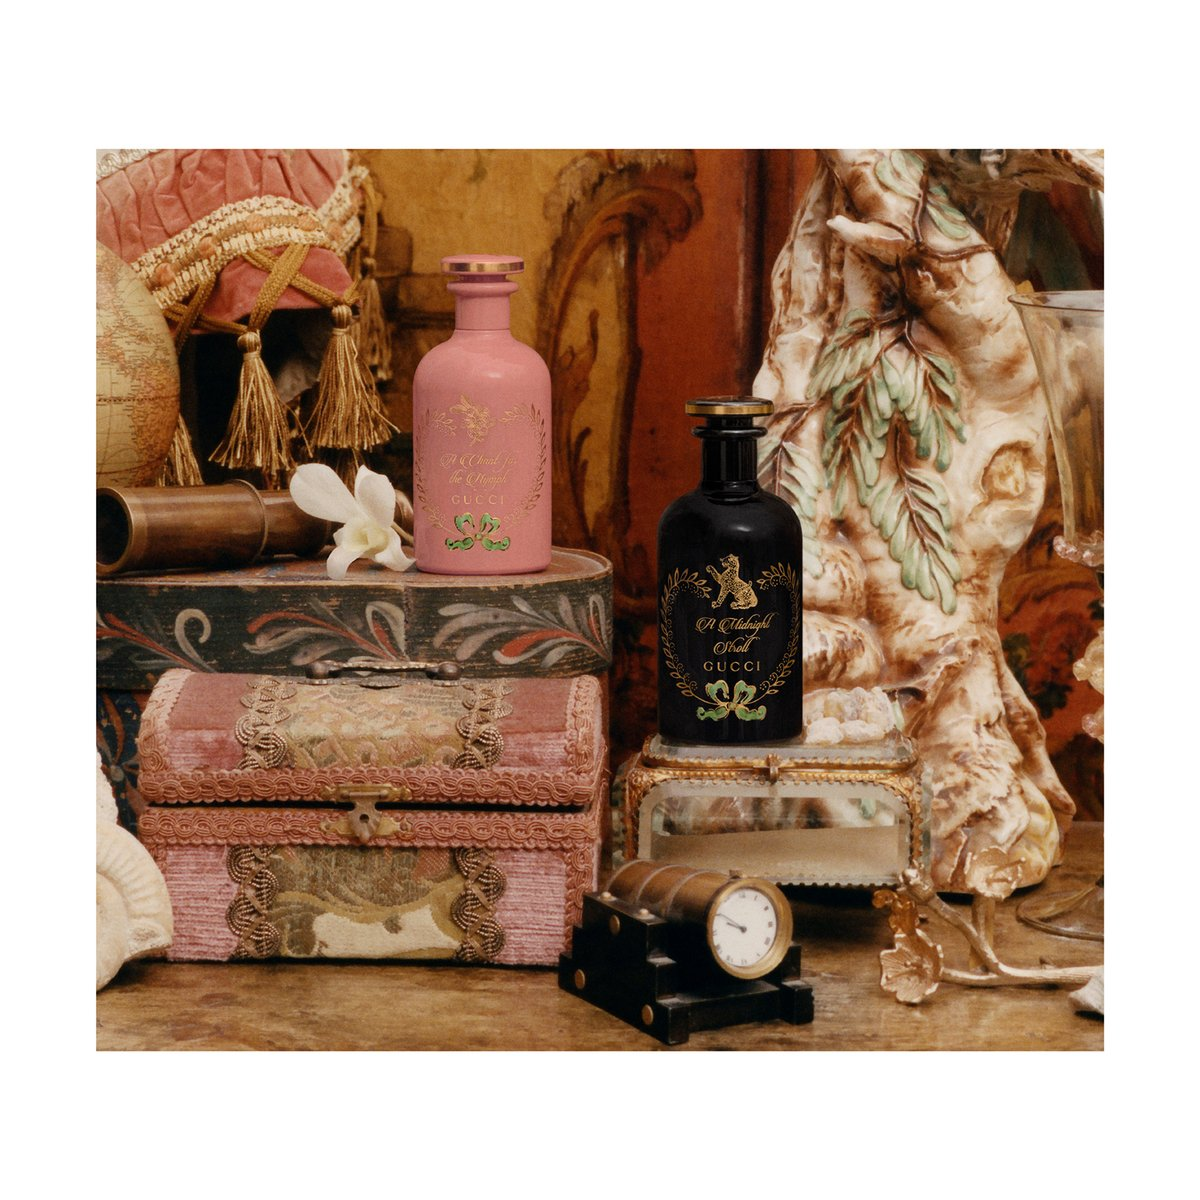 #GucciBeauty の〔ザ アルケミスト ガーデン〕  #TheAlchemistsGarden コレクションに「ミッドナイト・ストール」と「チャント・フォー・ニンフ」の2つの香りが登場。それぞれのキーノートのインセントとプルメリアがイマジネーションを呼び起こします。 http://on.gucci.com/thealchemistgarden2020_j_2…pic.twitter.com/eXC8S6mqRo